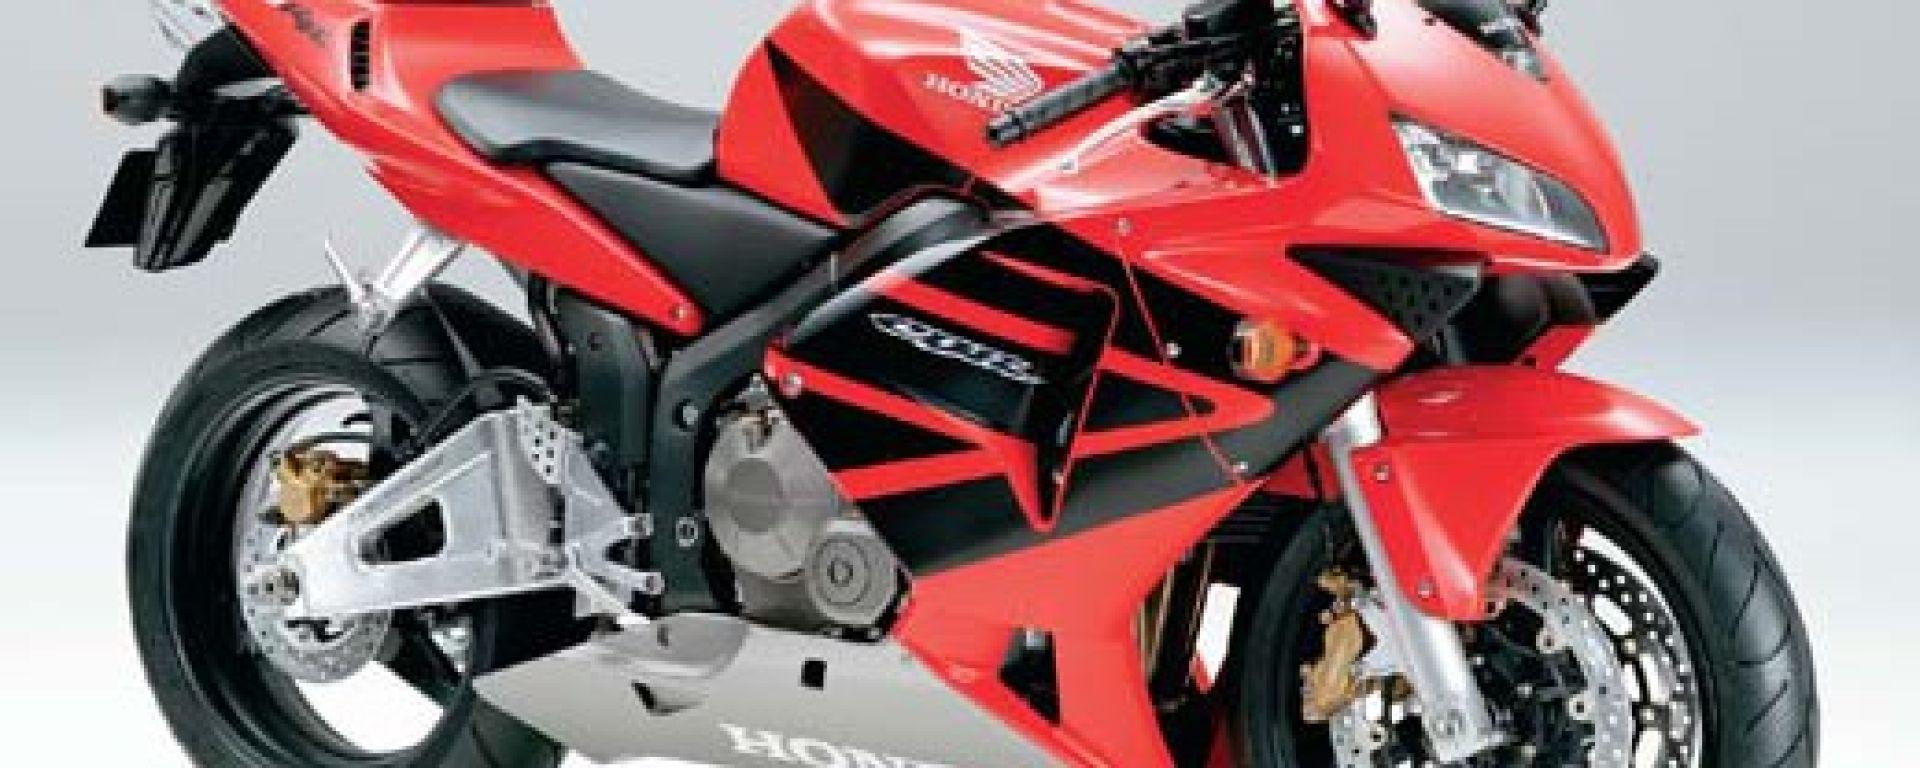 In sella alla: Honda CBR 600 RR